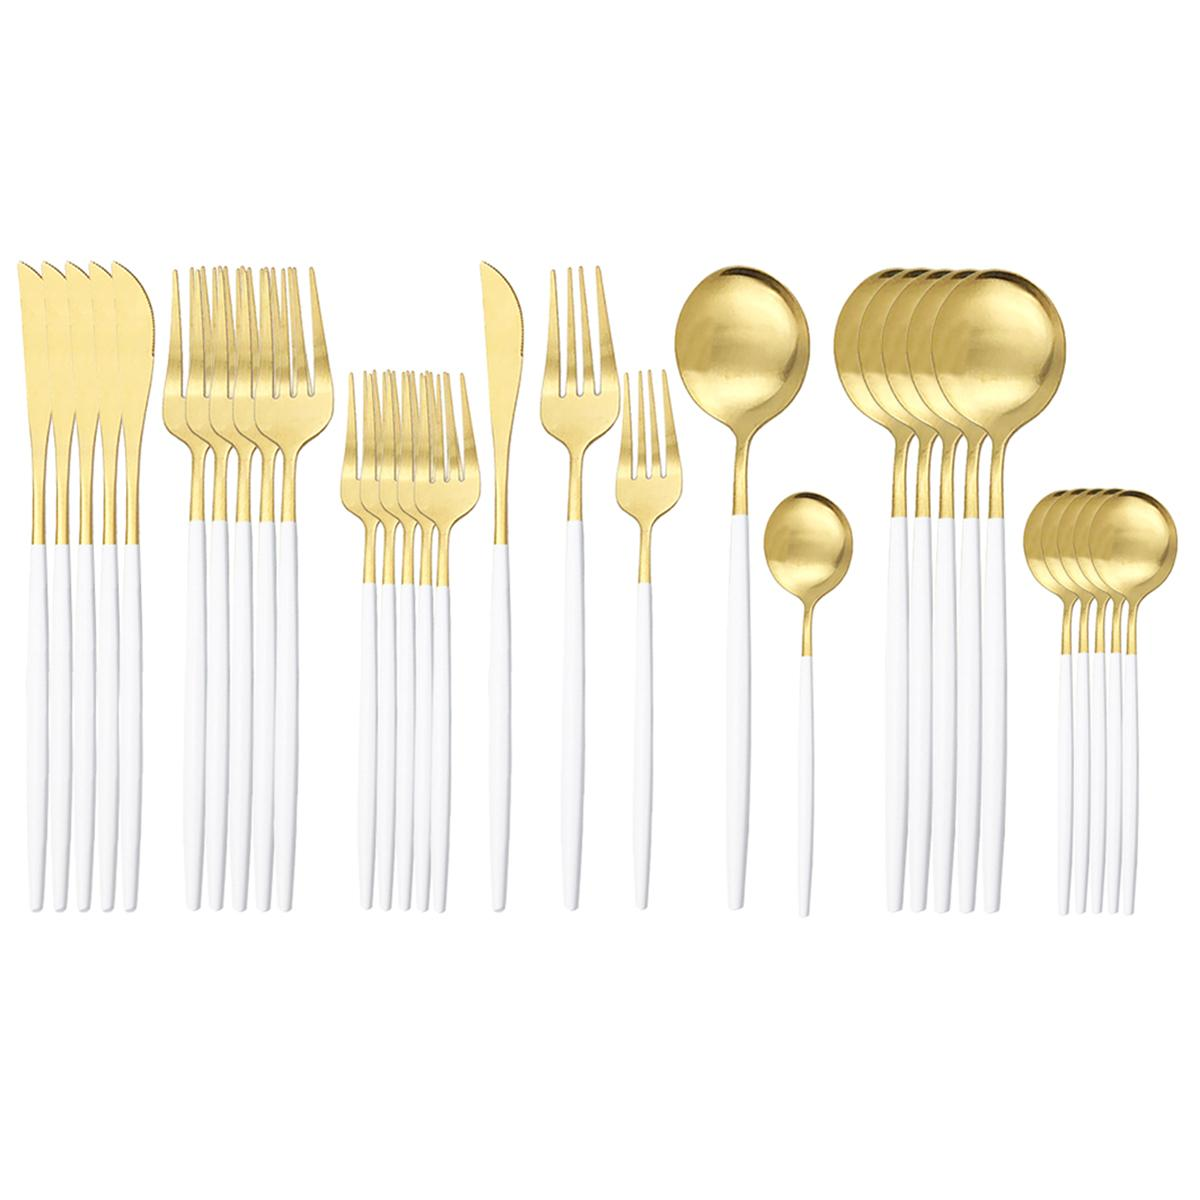 30 unids blanco cuchillo cuchillo cuchillo postre tenedor cuchara cena vajilla de vajilla de acero inoxidable vajilla de cocina cocina conjunto de cubiertos 201128